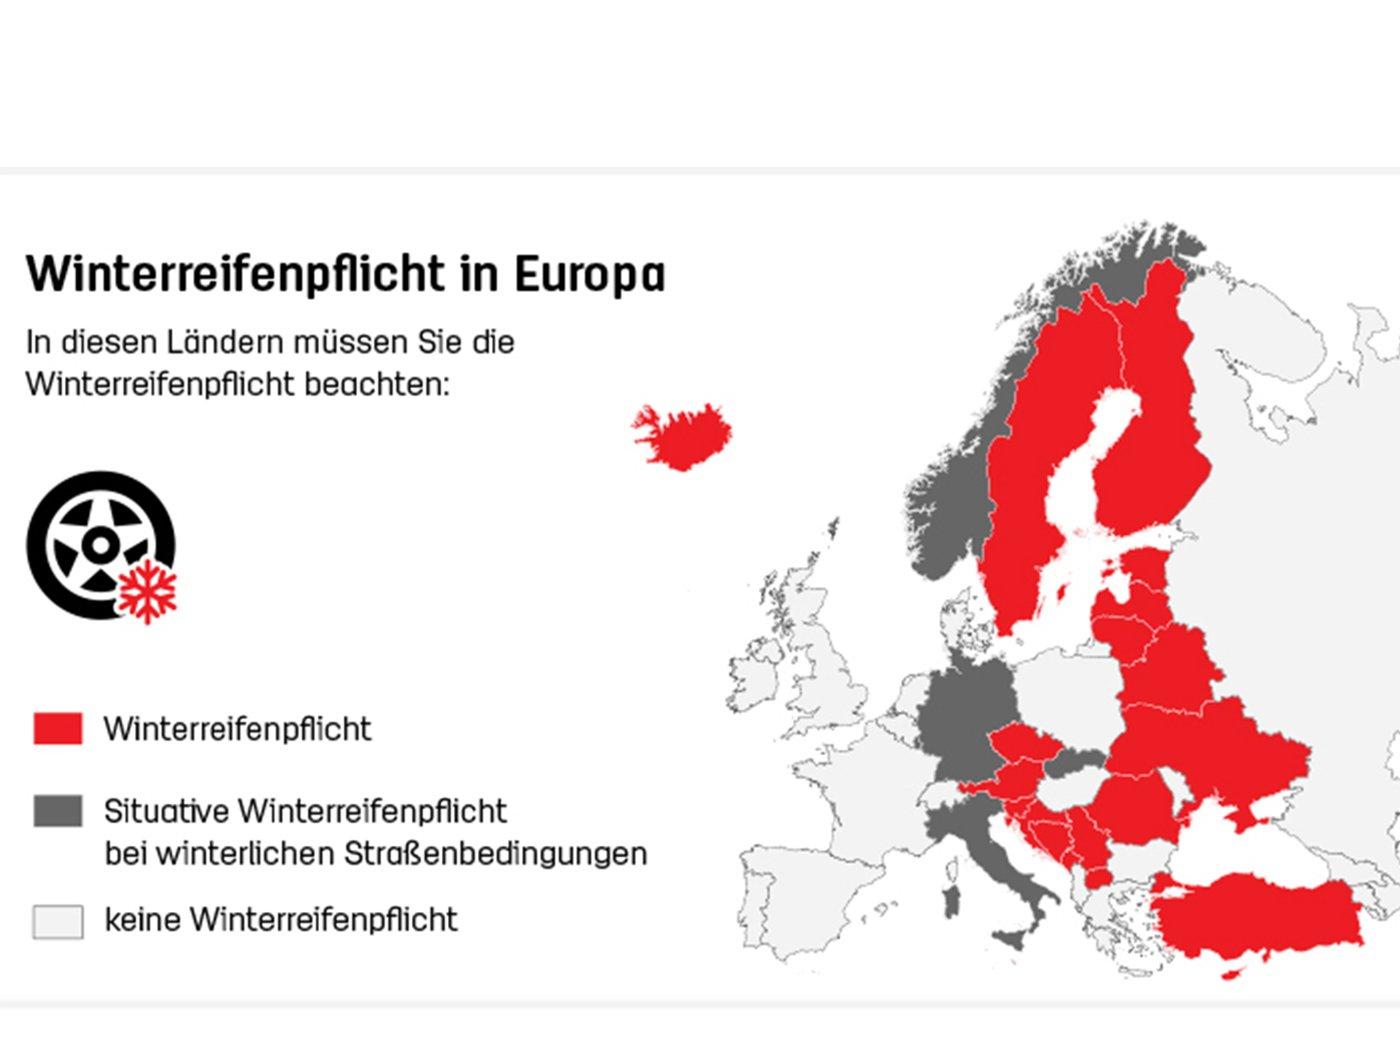 Winterreifenpflicht Karte Europa